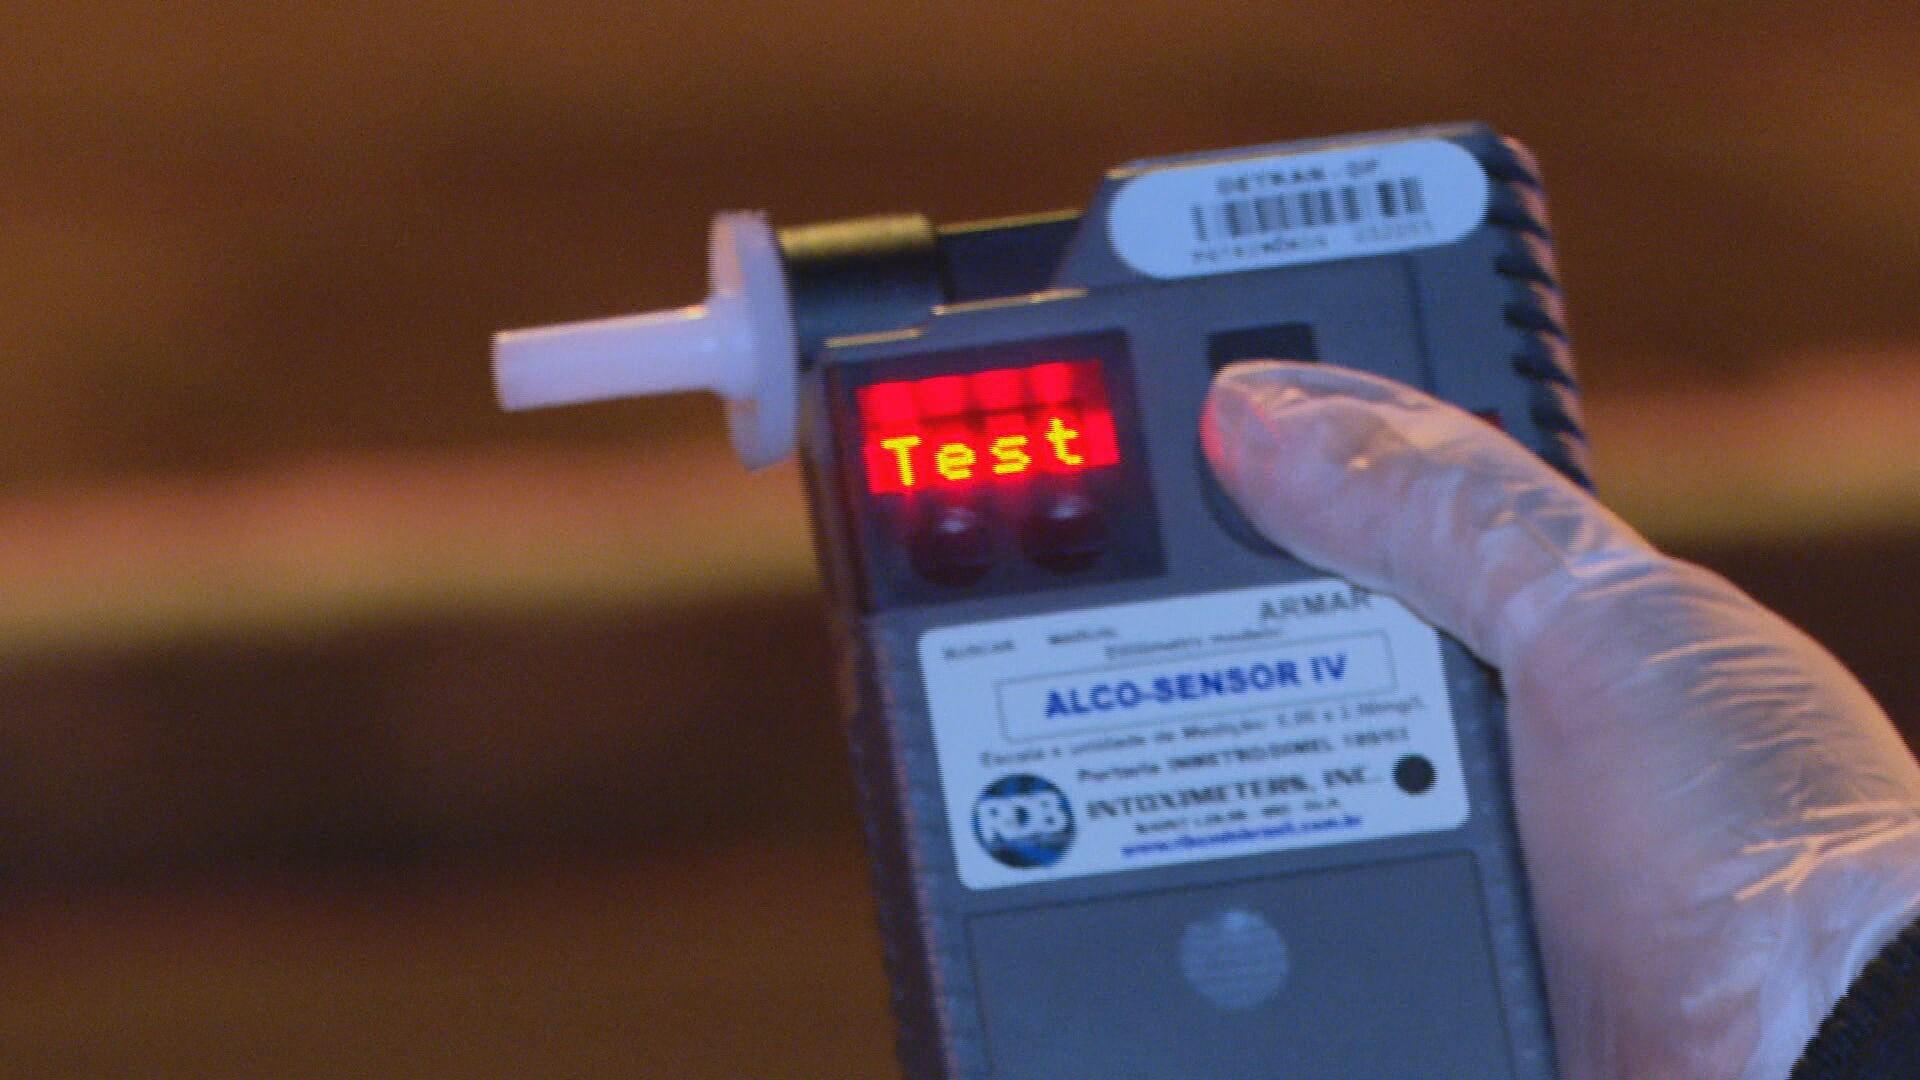 Quatro motoristas são autuados por embriaguez ao volante durante operação de trânsito em Cascavel, diz PM